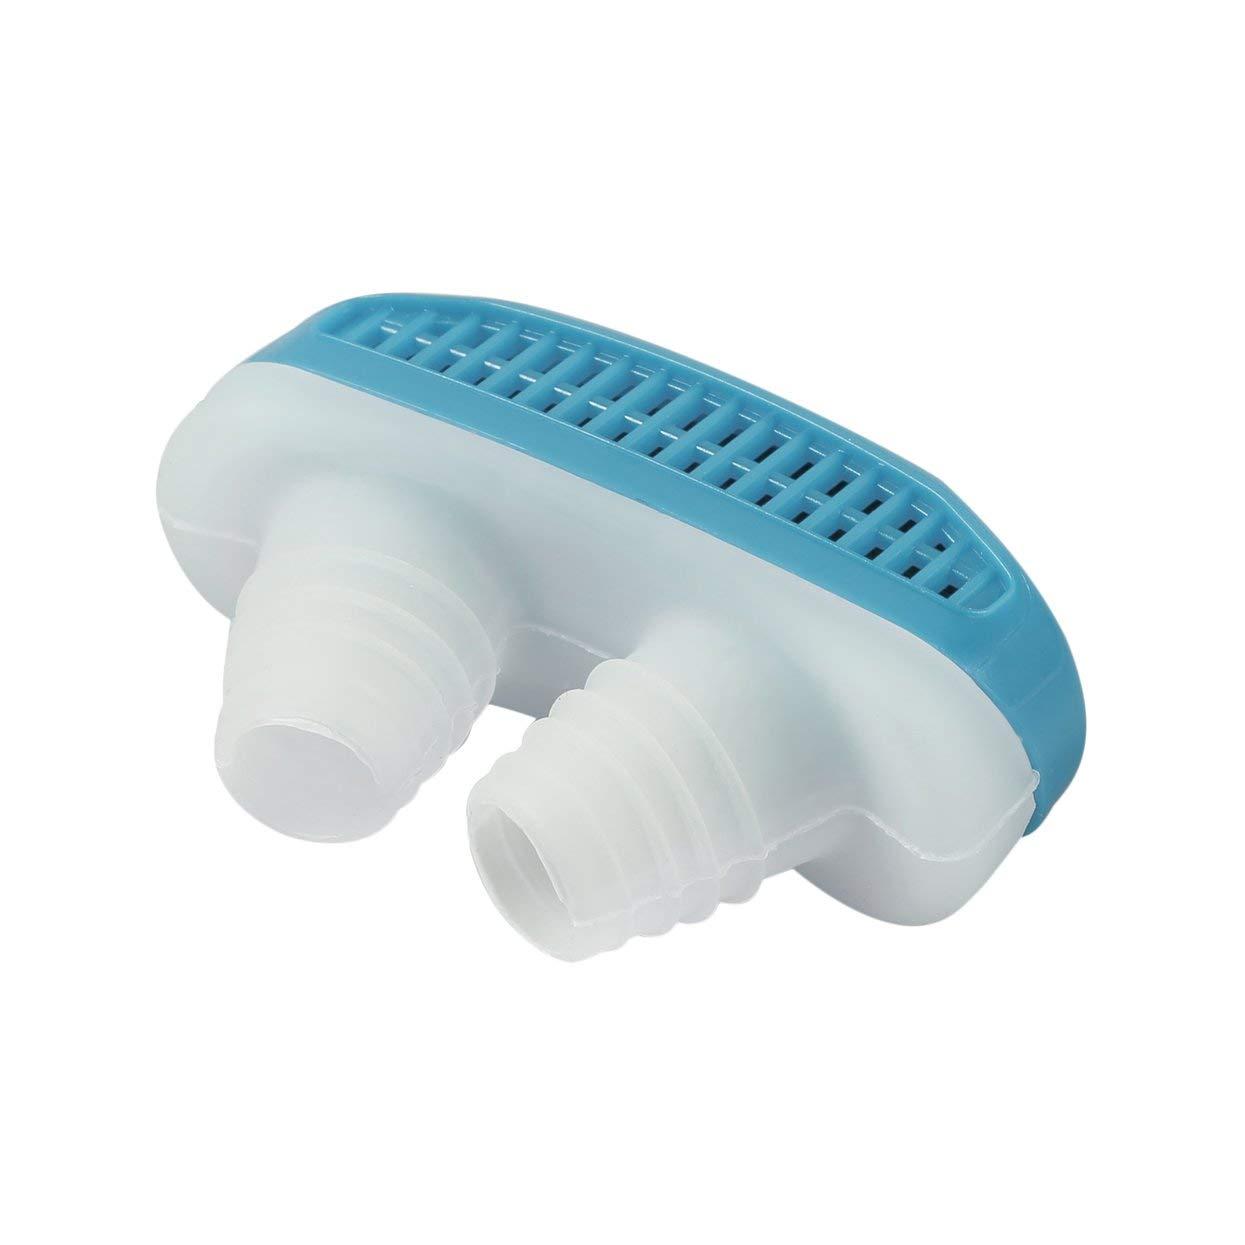 Tellaboull 2 en 1 Salud Anti ronquidos y purificador de Aire Aliviar la congestió n Nasal Dispositivos de ronquidos Ventilació n Anti-ronquidos Clip para la Nariz